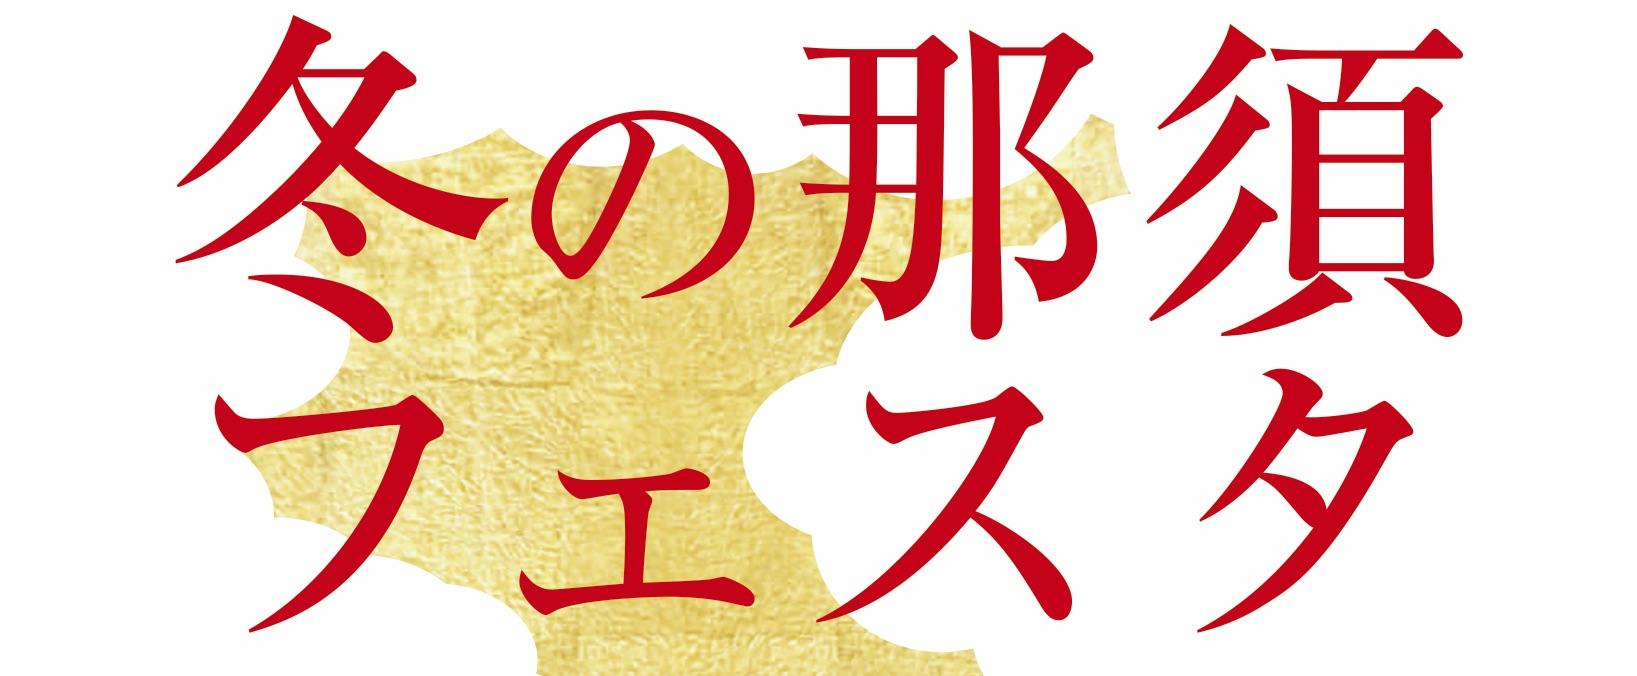 2018-2019_冬の那須フェスタ